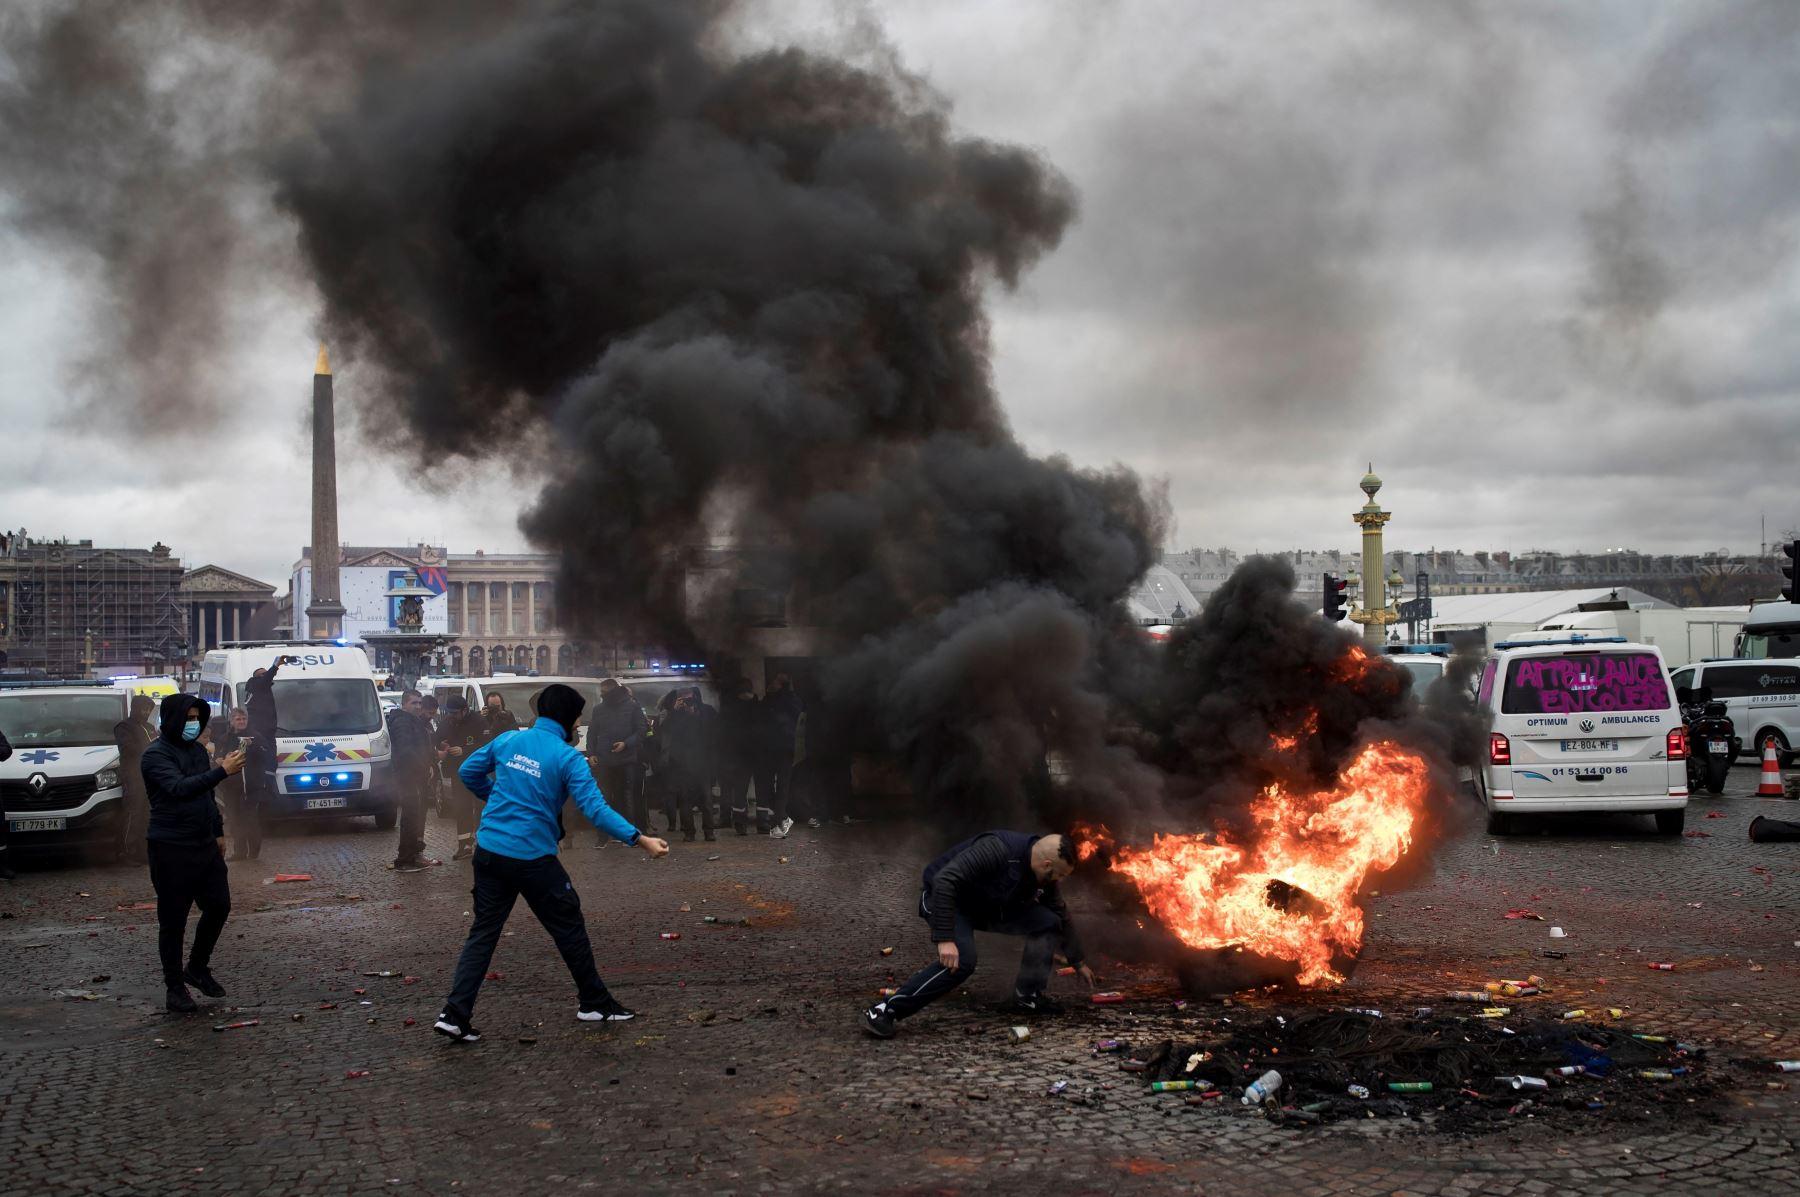 Conductores de ambulancias inician un fuego en la plaza de la Concorde mientras participan en una protesta ante la Asamblea Nacional, en ParÌs, Francia. Los manifestantes bloquearon el tráfico junto a la Asamblea Nacional para exigir la suspensión de una reforma del sistema de financiación de los transportes sanitarios. EFE